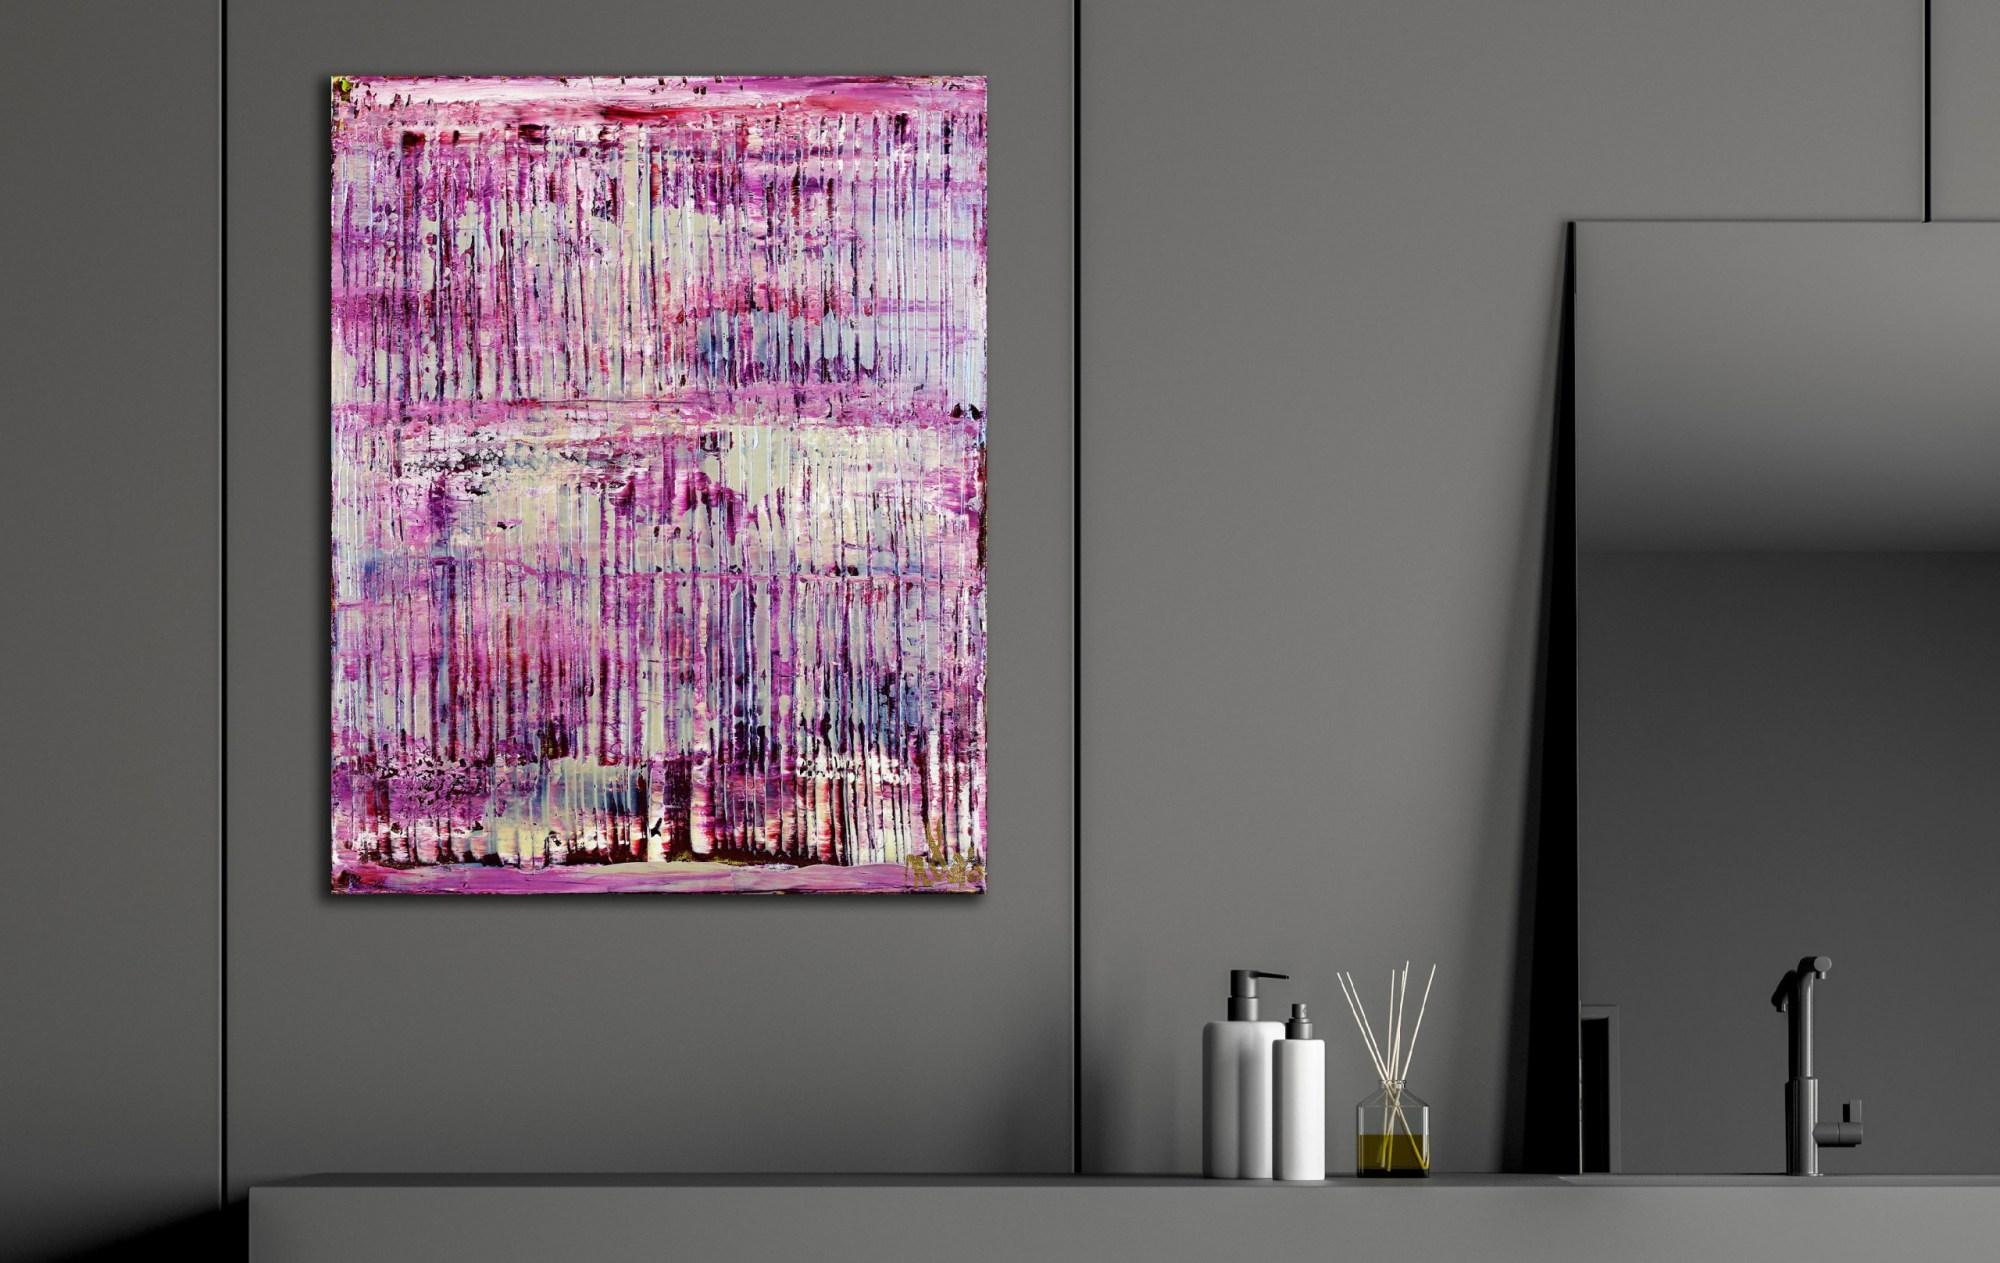 Purple Panorama (Changing Iridescent Blue) 2 (2021) / Artist: Nestor Toro